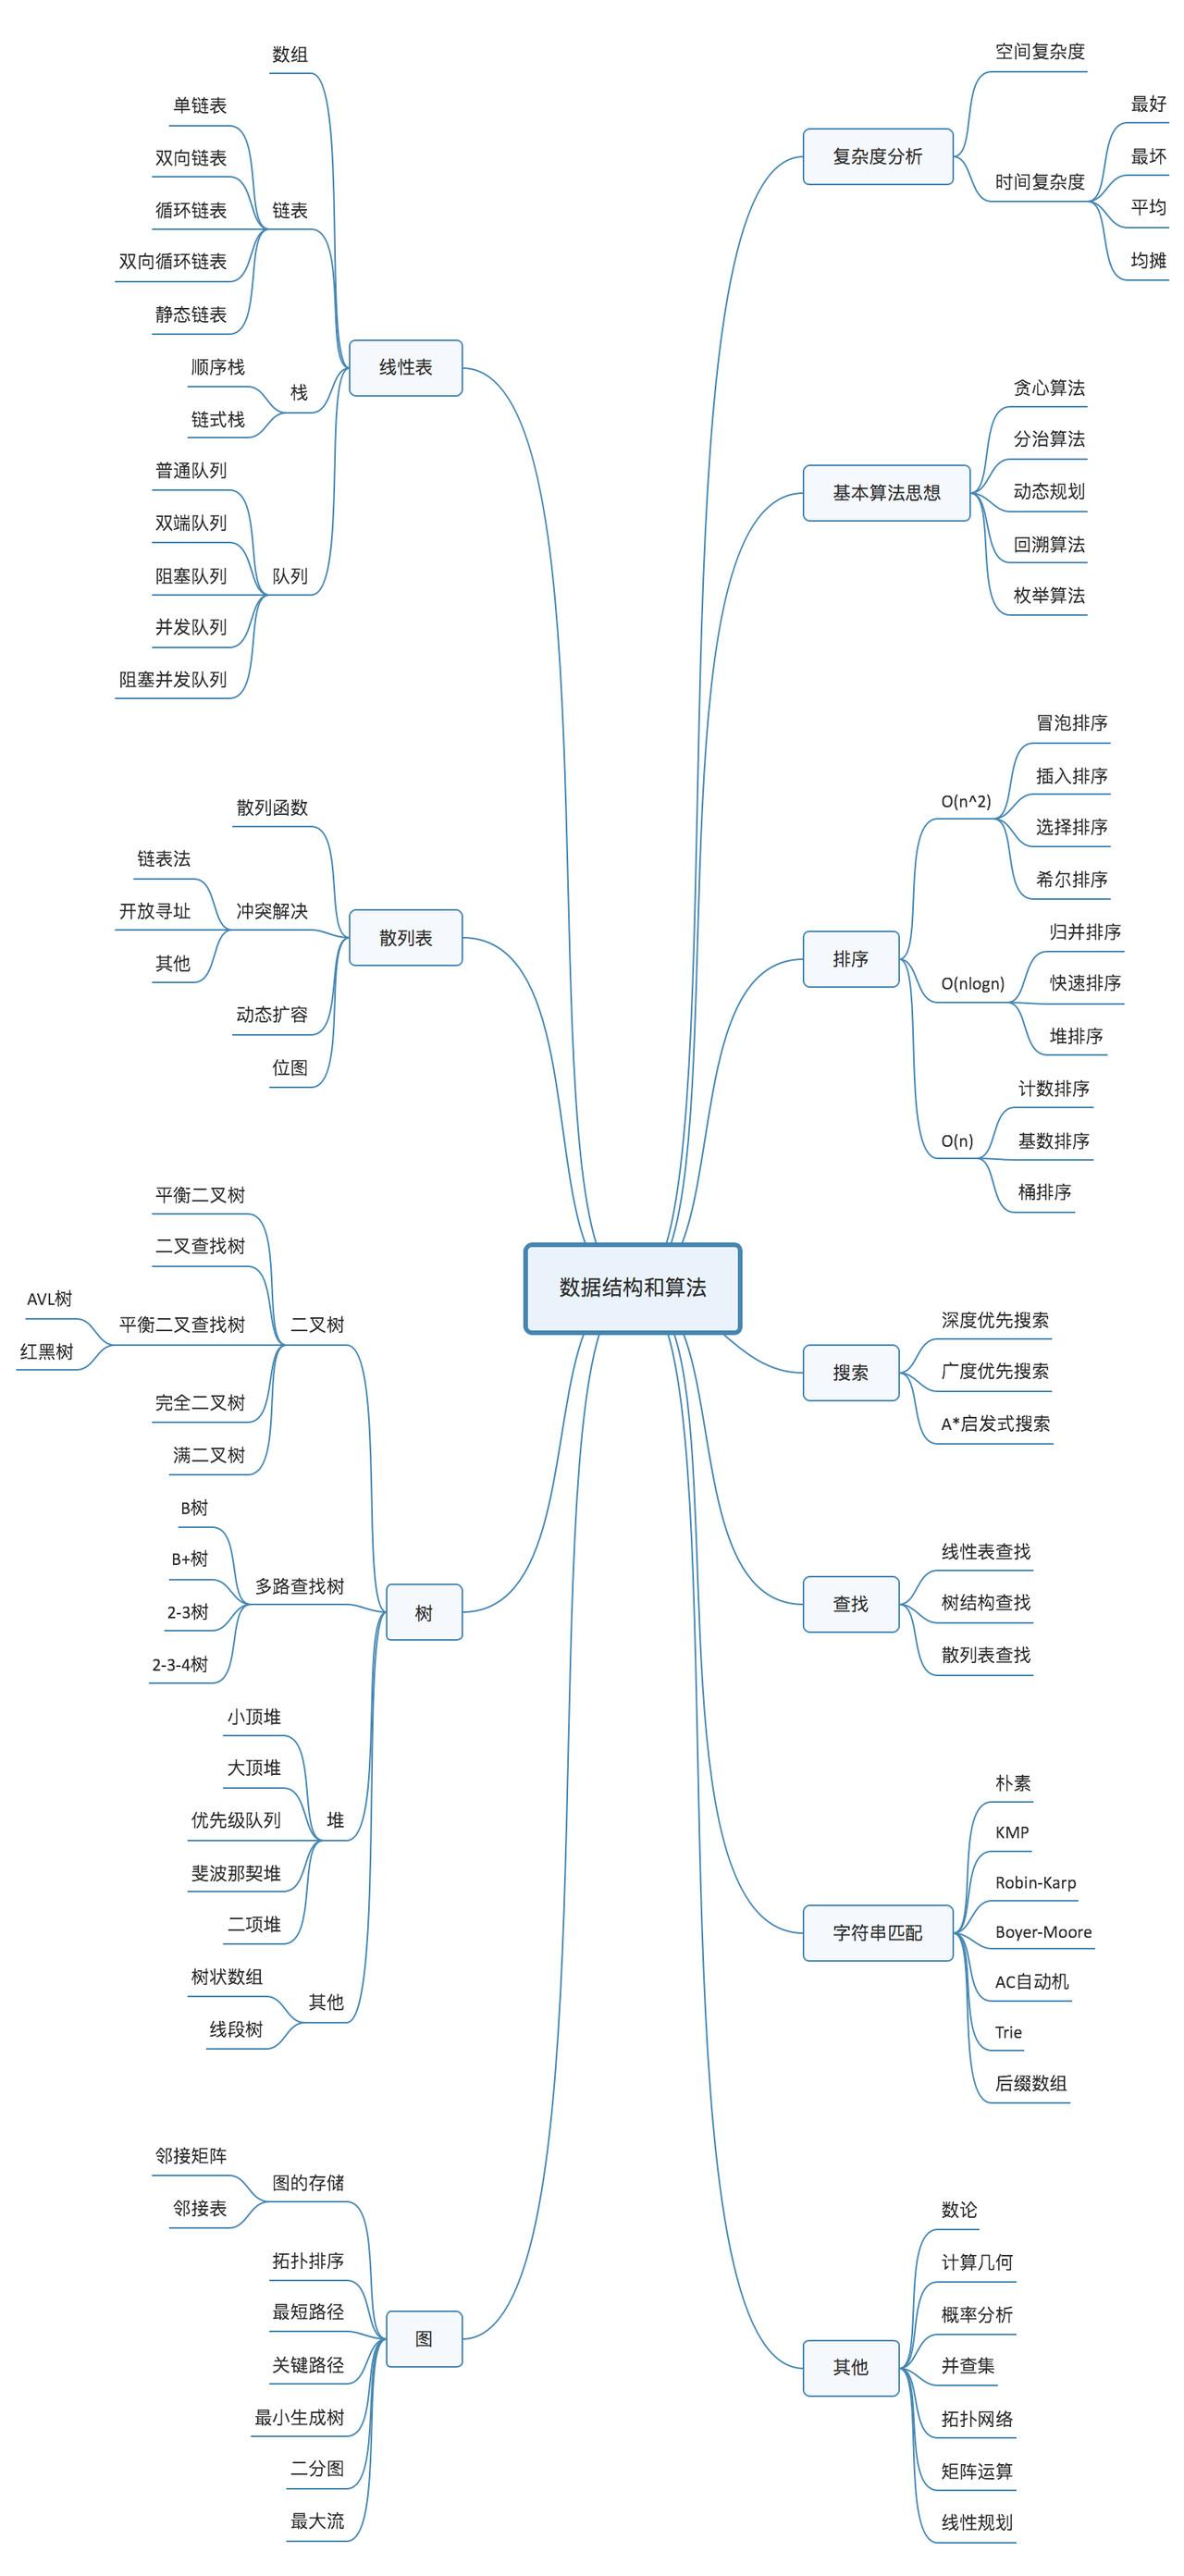 数据结构.jpg